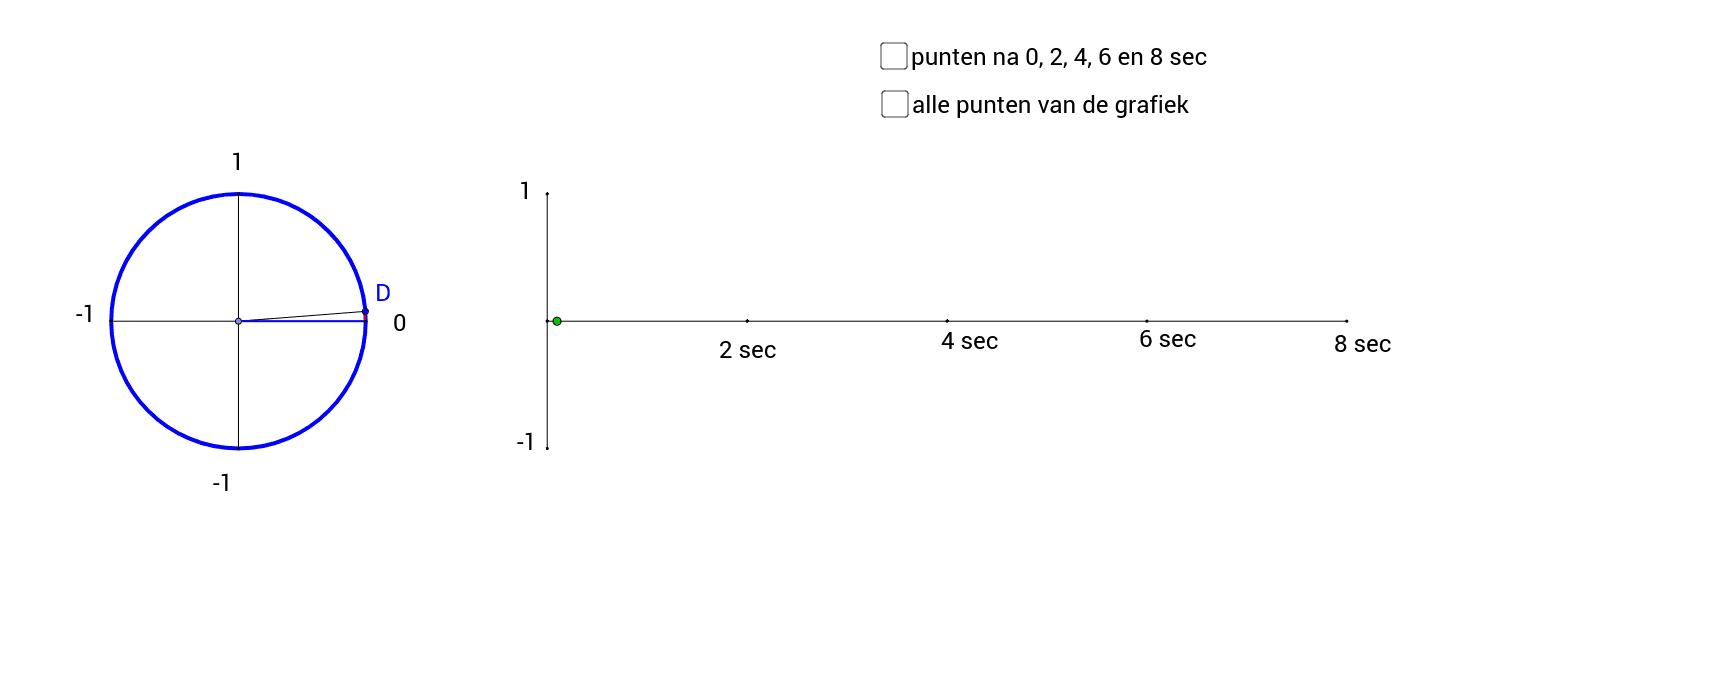 opg 6